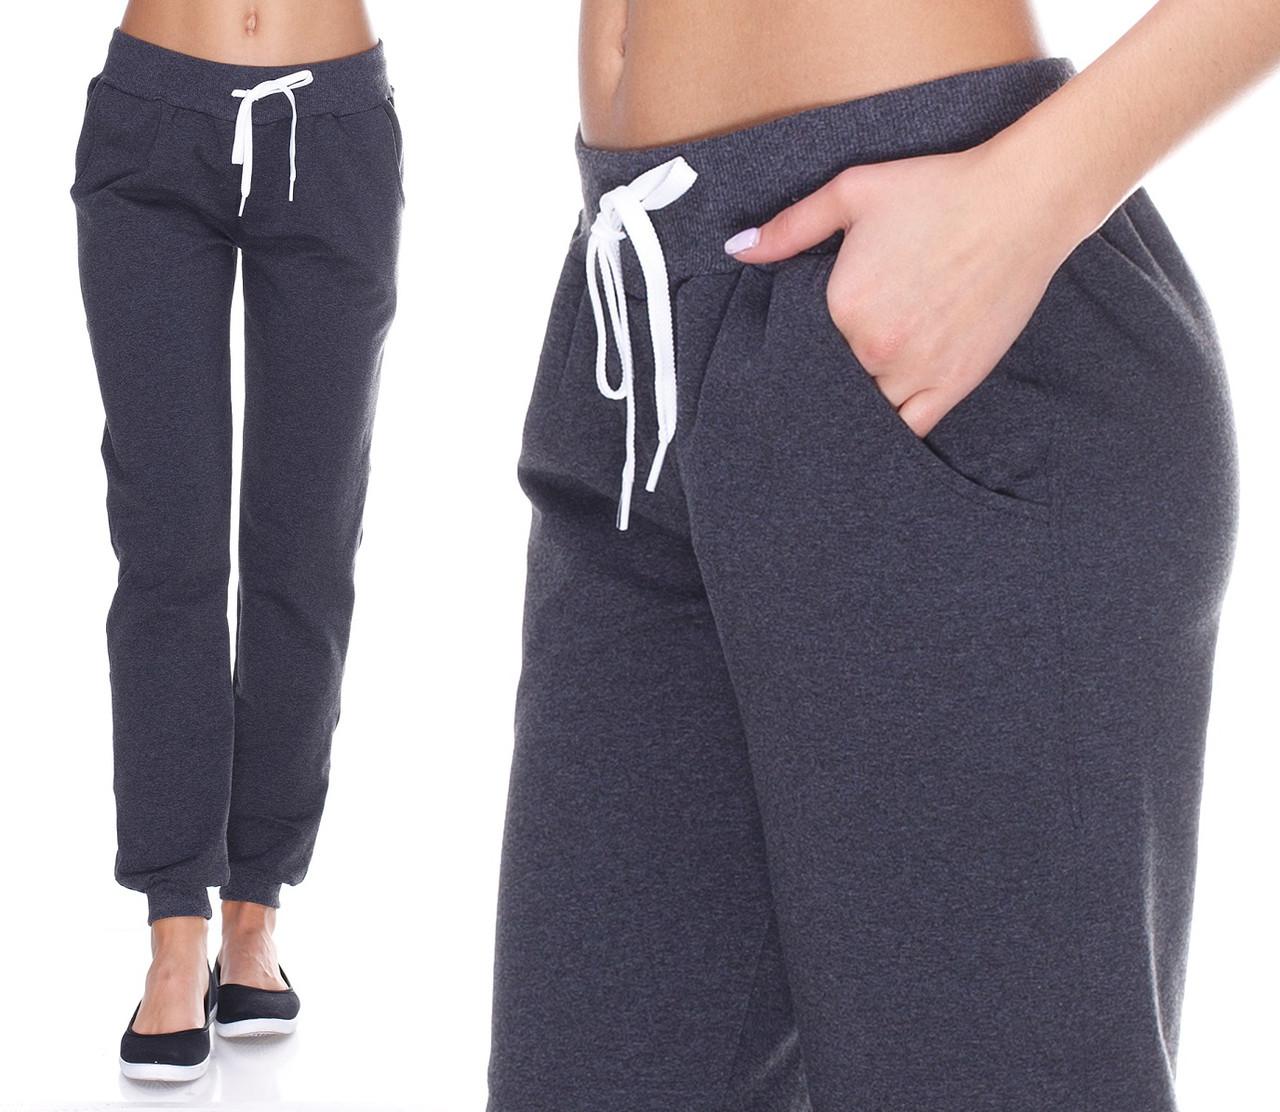 Теплые спортивные штаны женские на флисе зимние с начесом серые